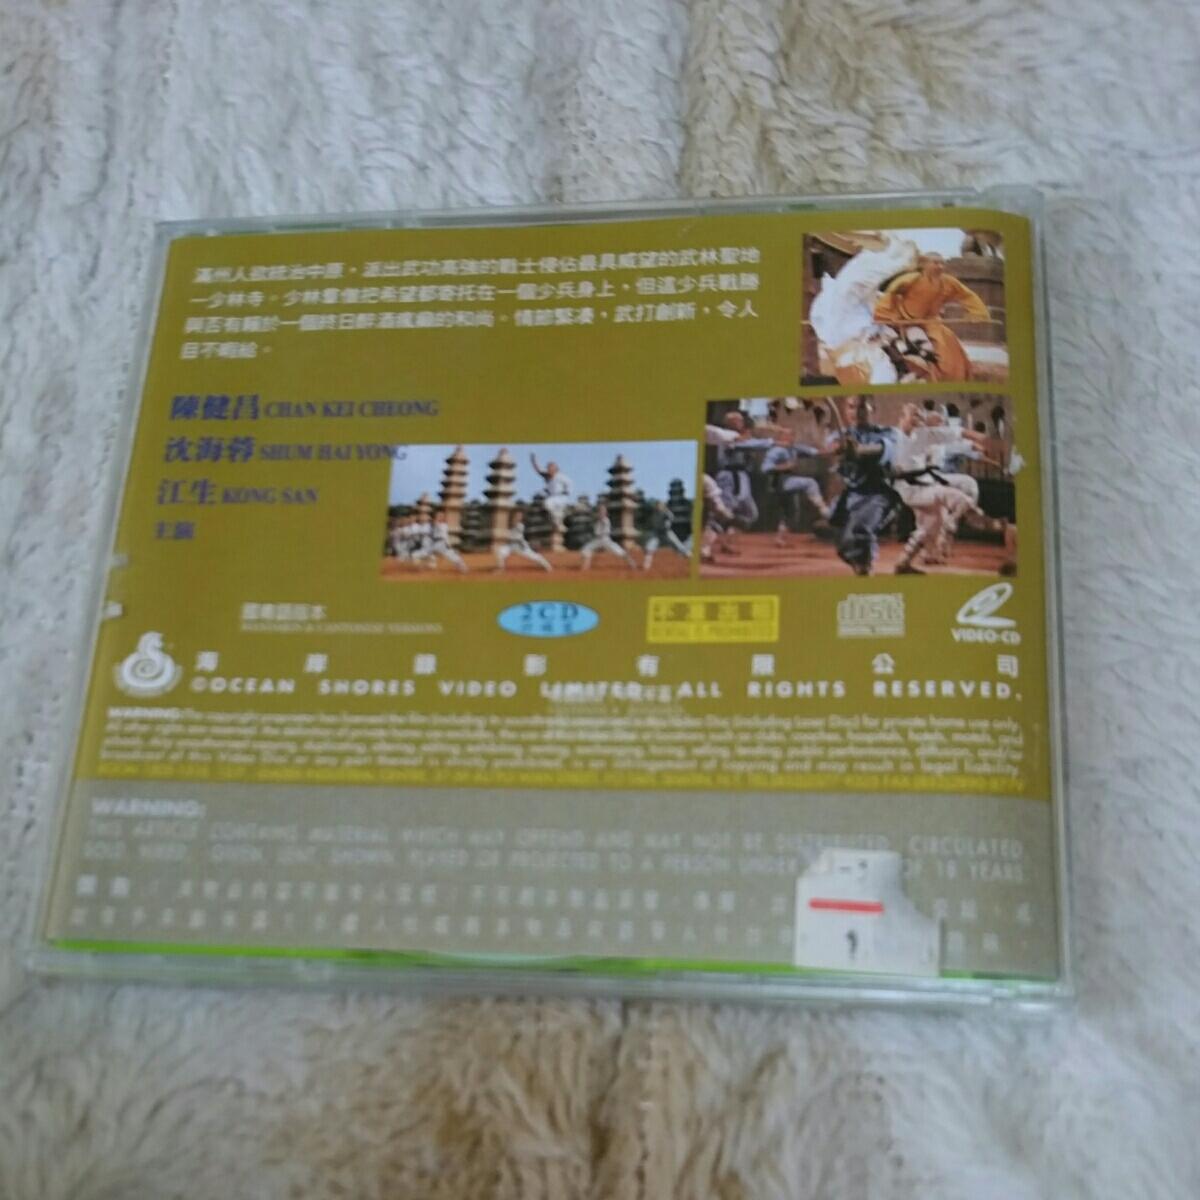 少林寺 十三棍僧 カンフー映画VCD (疾風少林寺十三拳士)_画像2